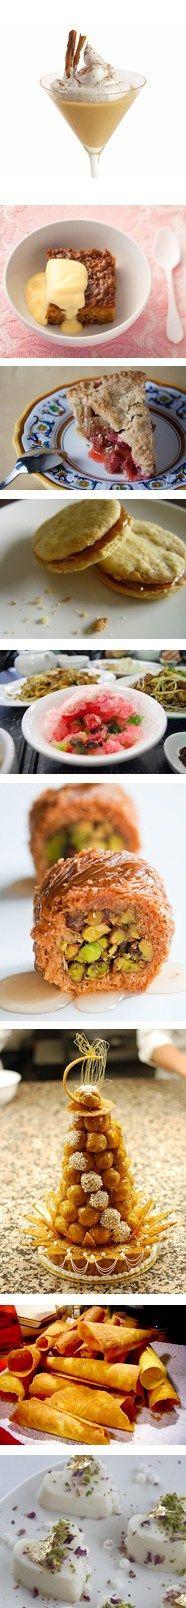 Around the world in 80 desserts